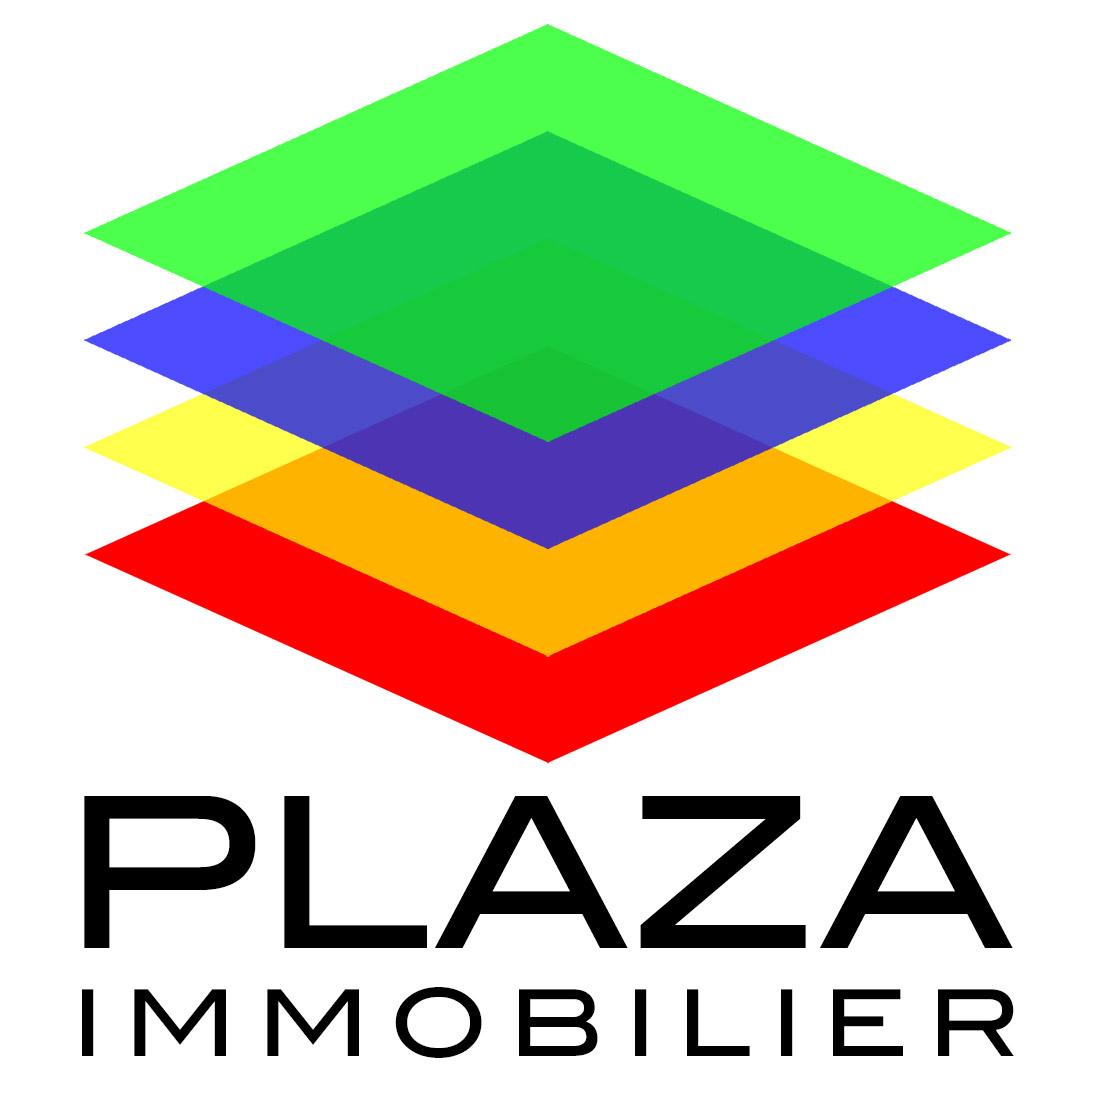 Logo plaza c 9x9 cm 300 dpi